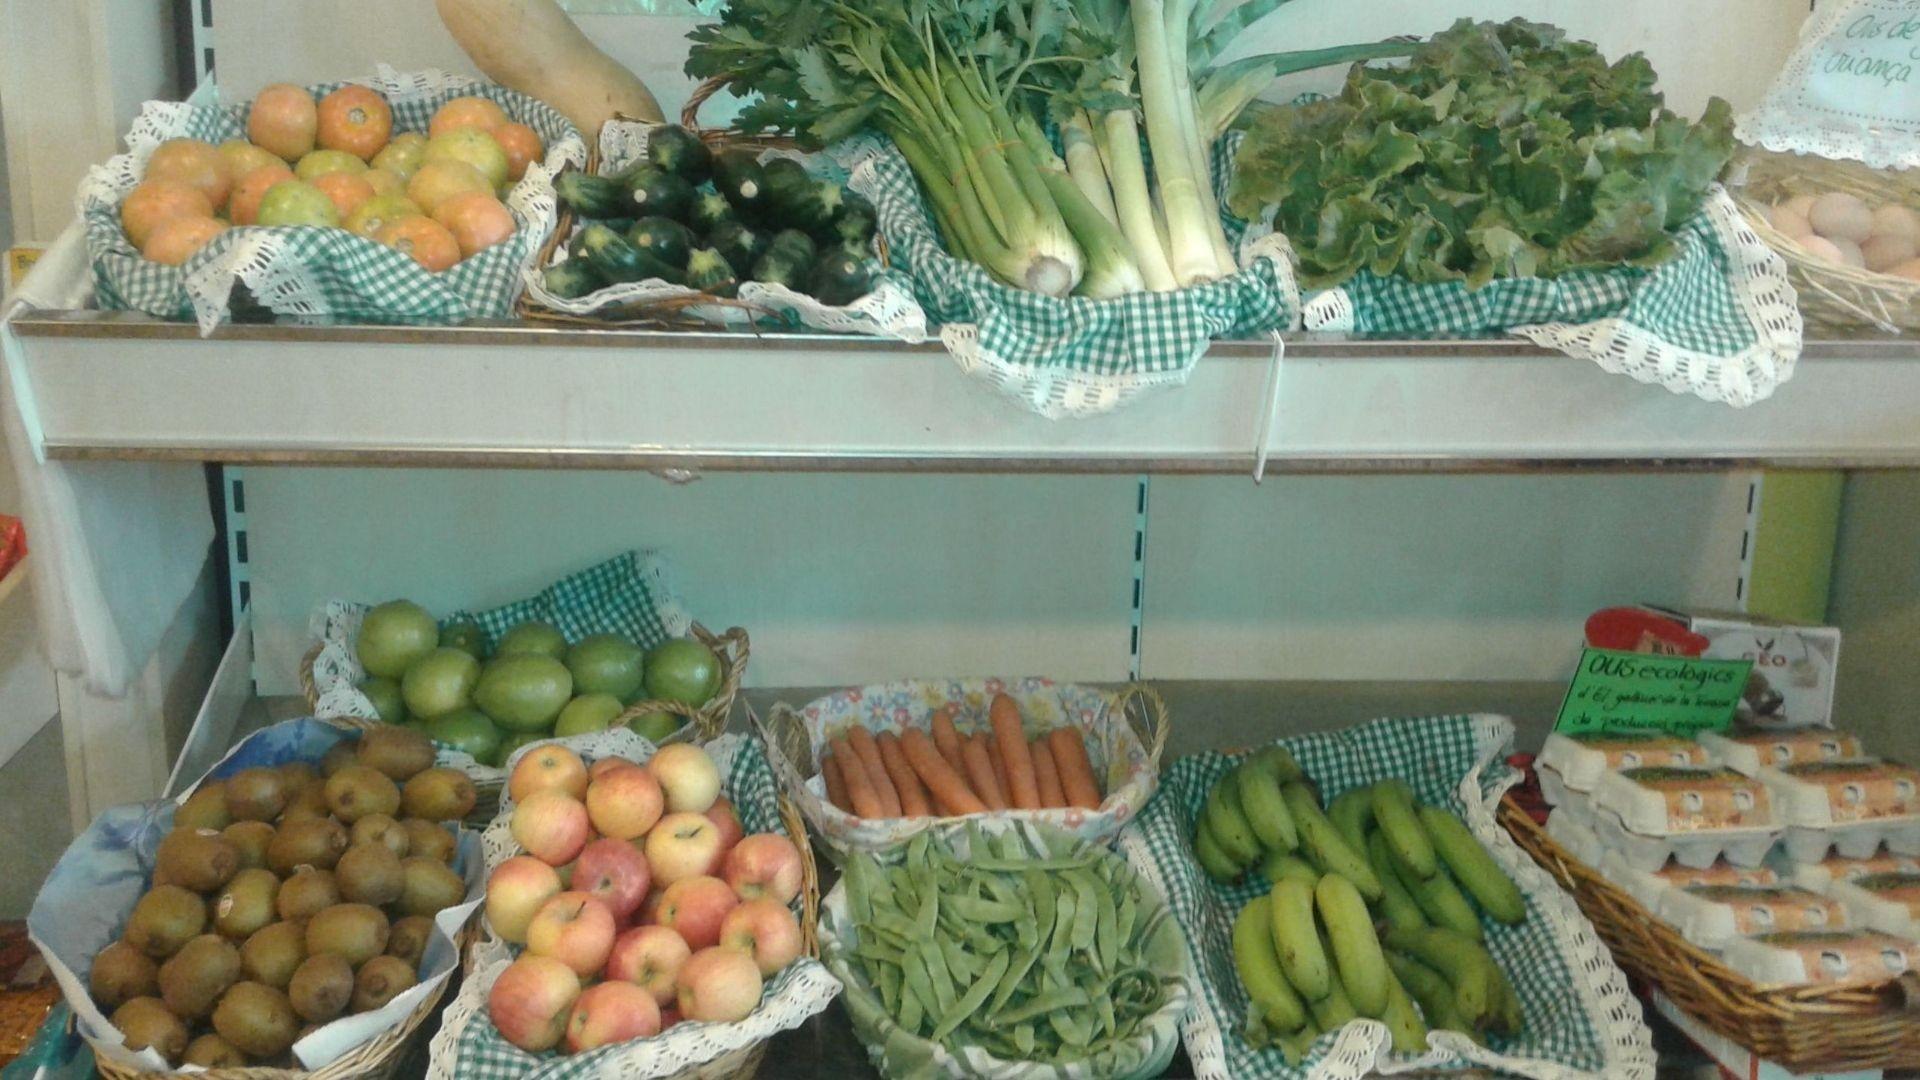 alimentación ecológica en Martorell